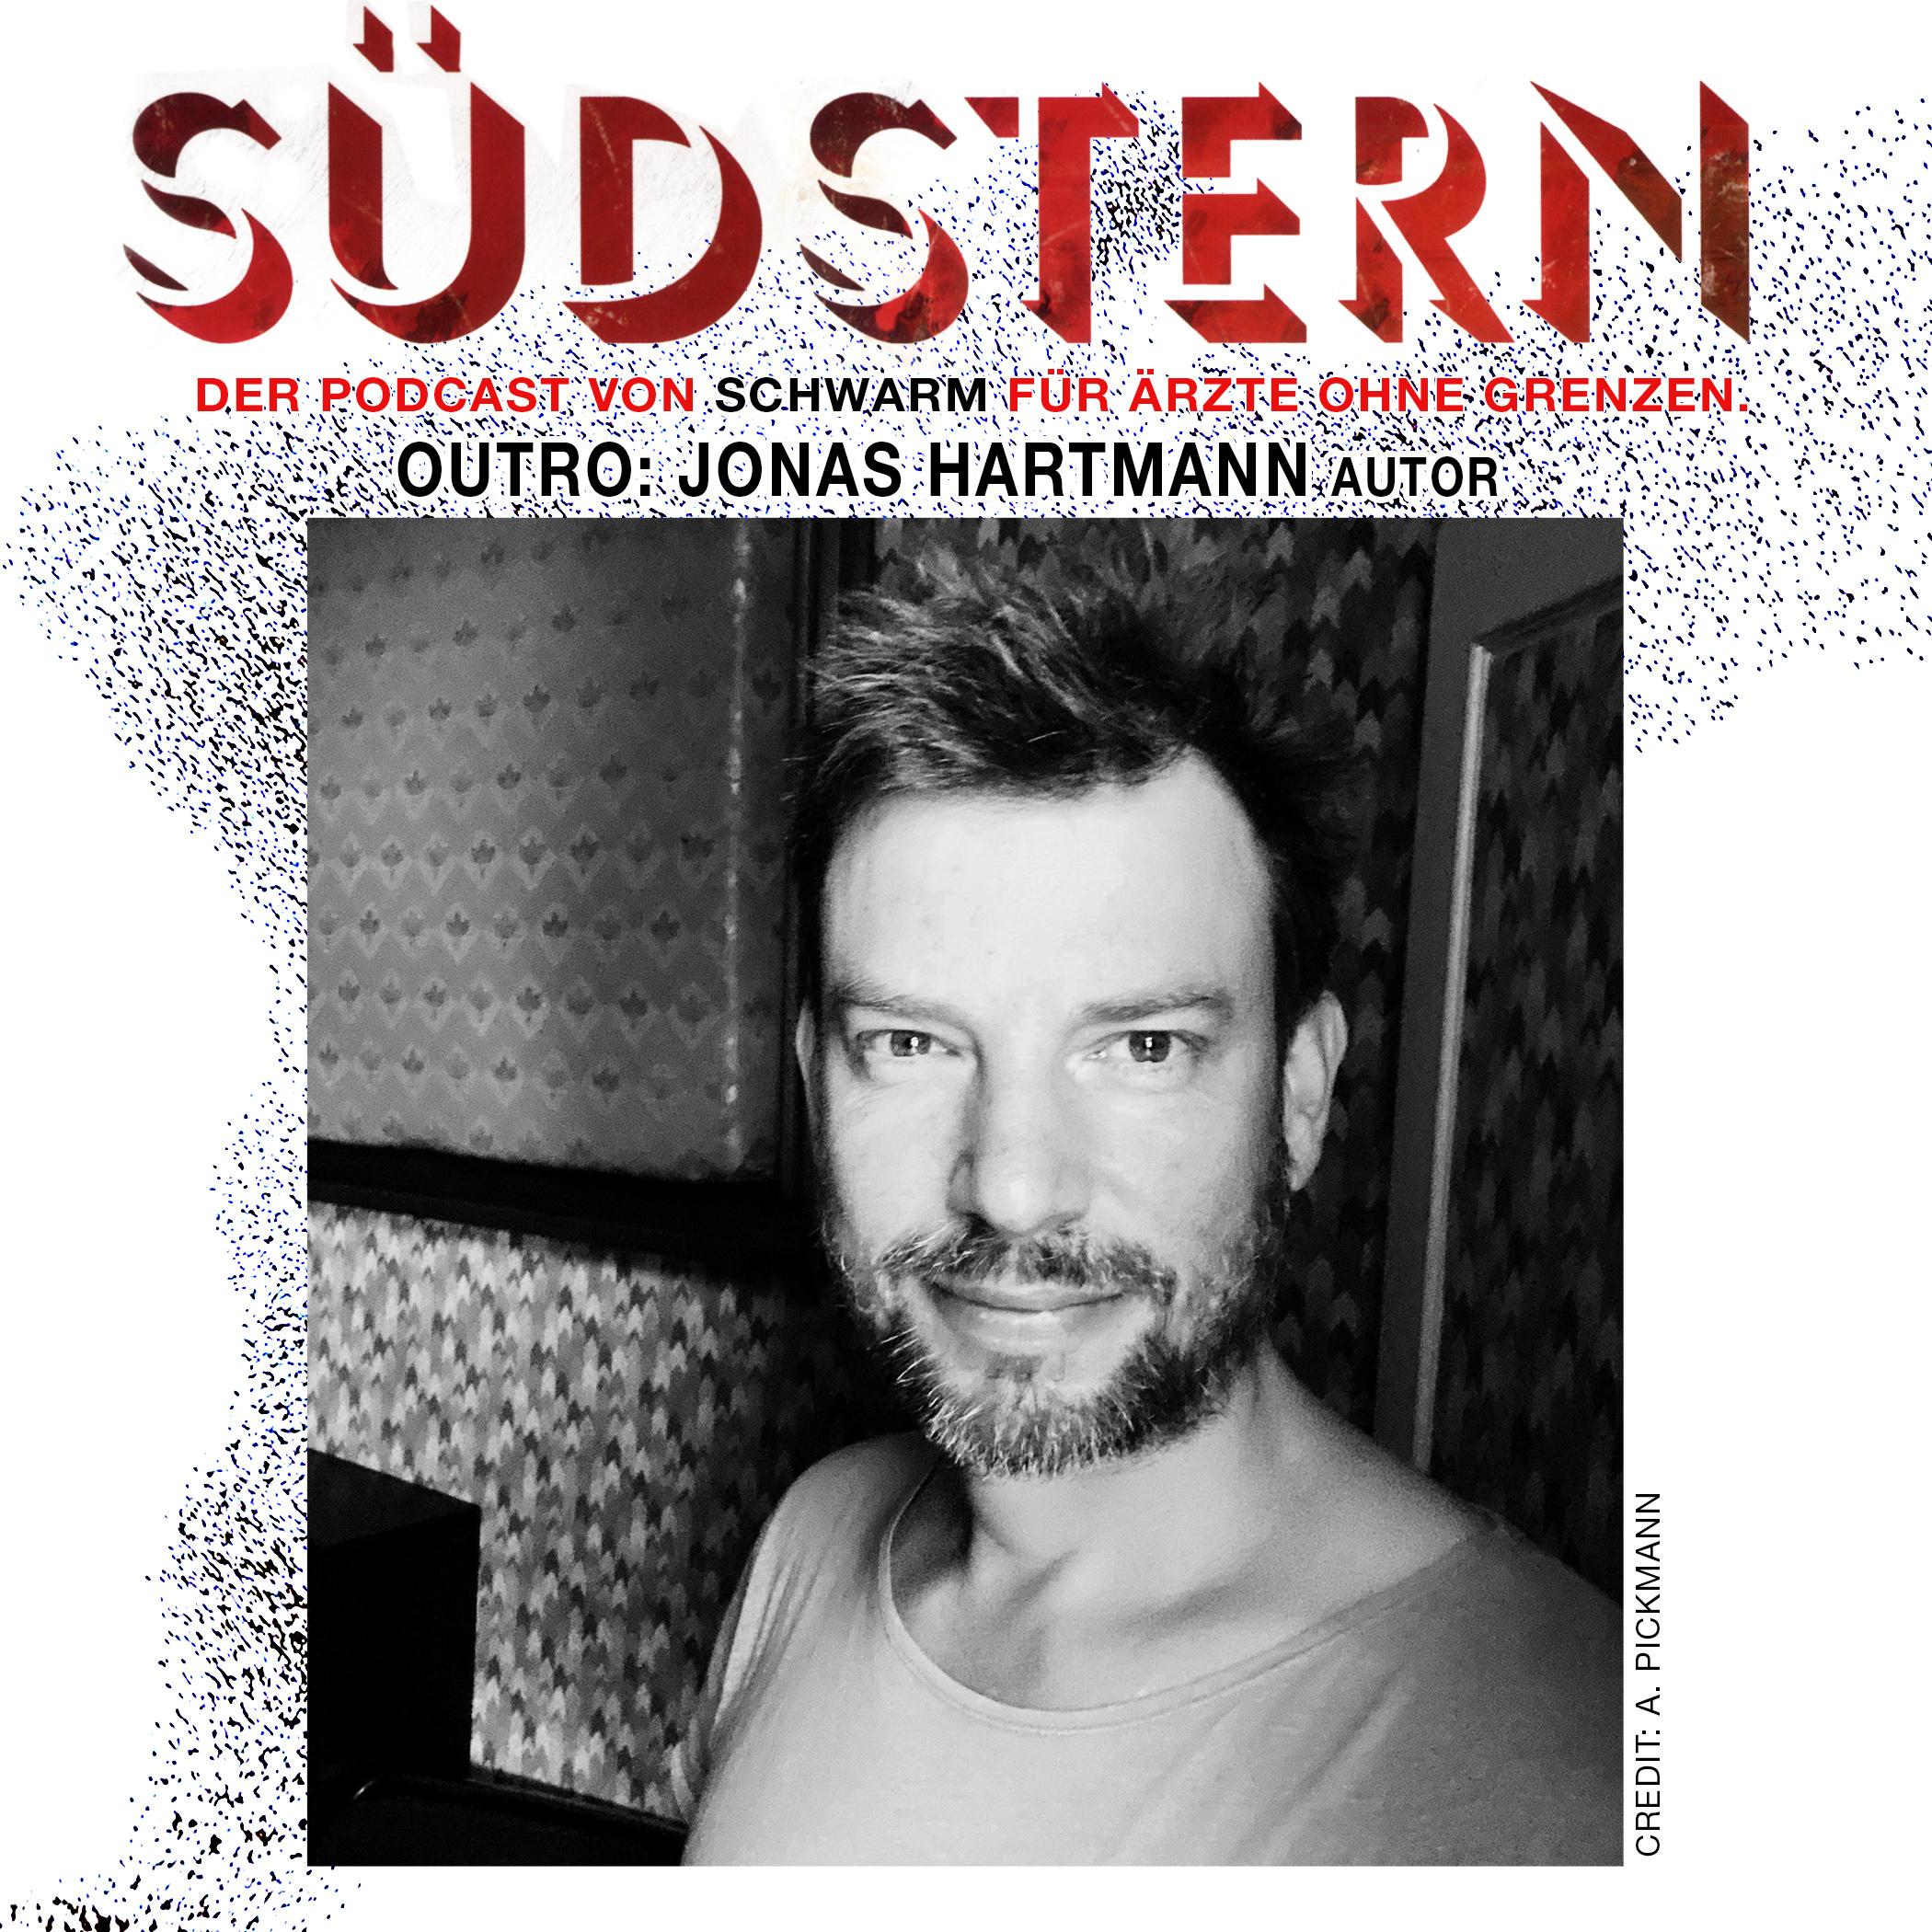 Outro gelesen von Jonas Hartmann / Autor